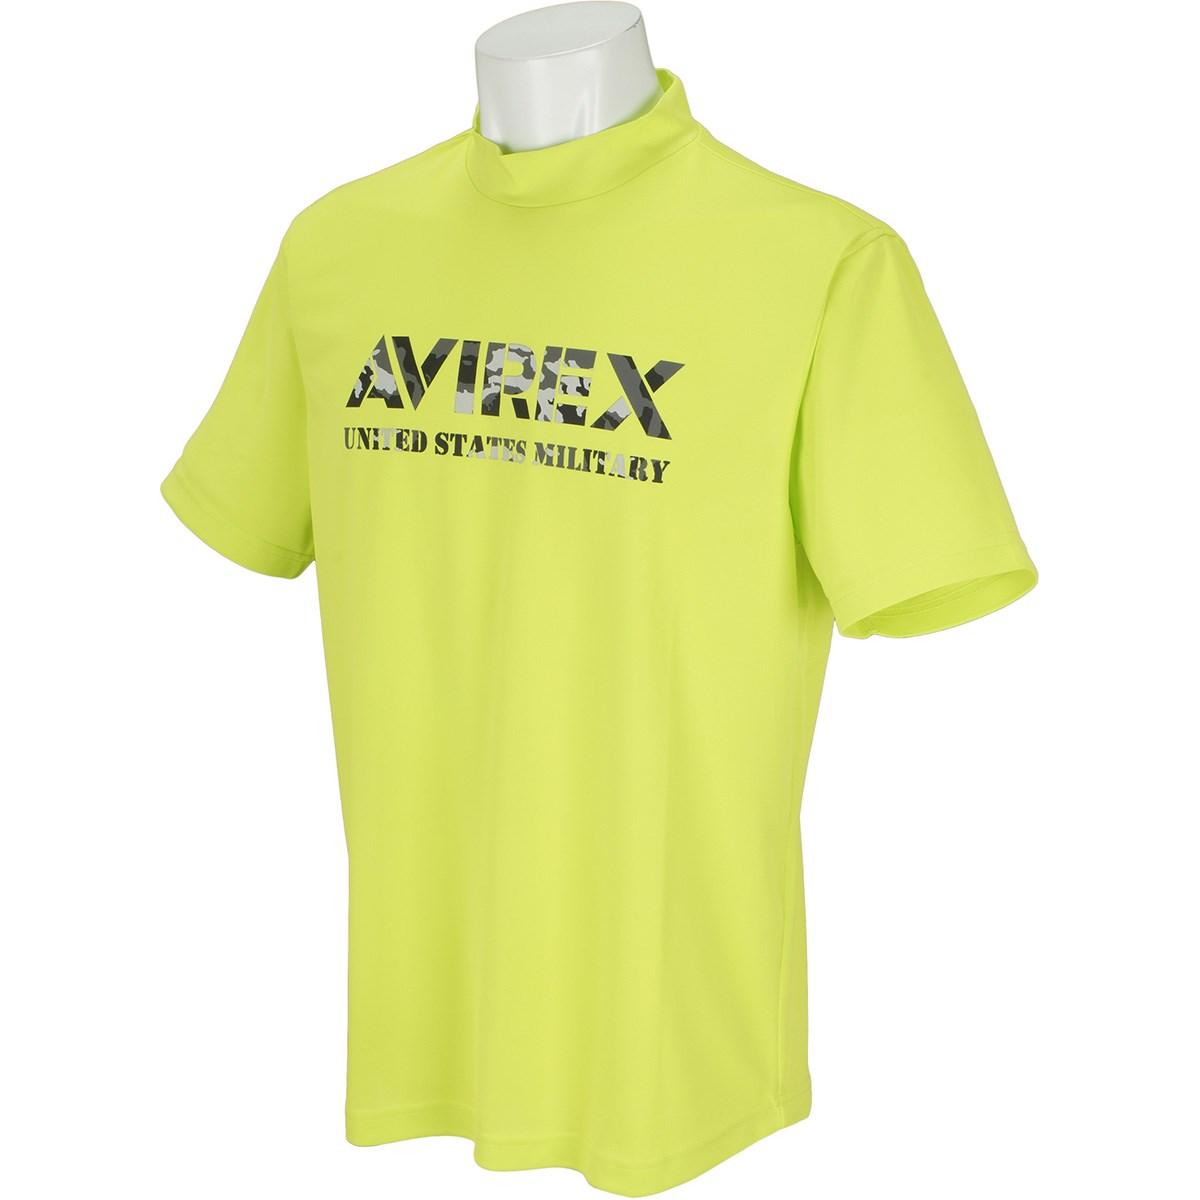 アビレックス ゴルフ AVIREX GOLF 半袖モックネックシャツ M ネオンイエロー